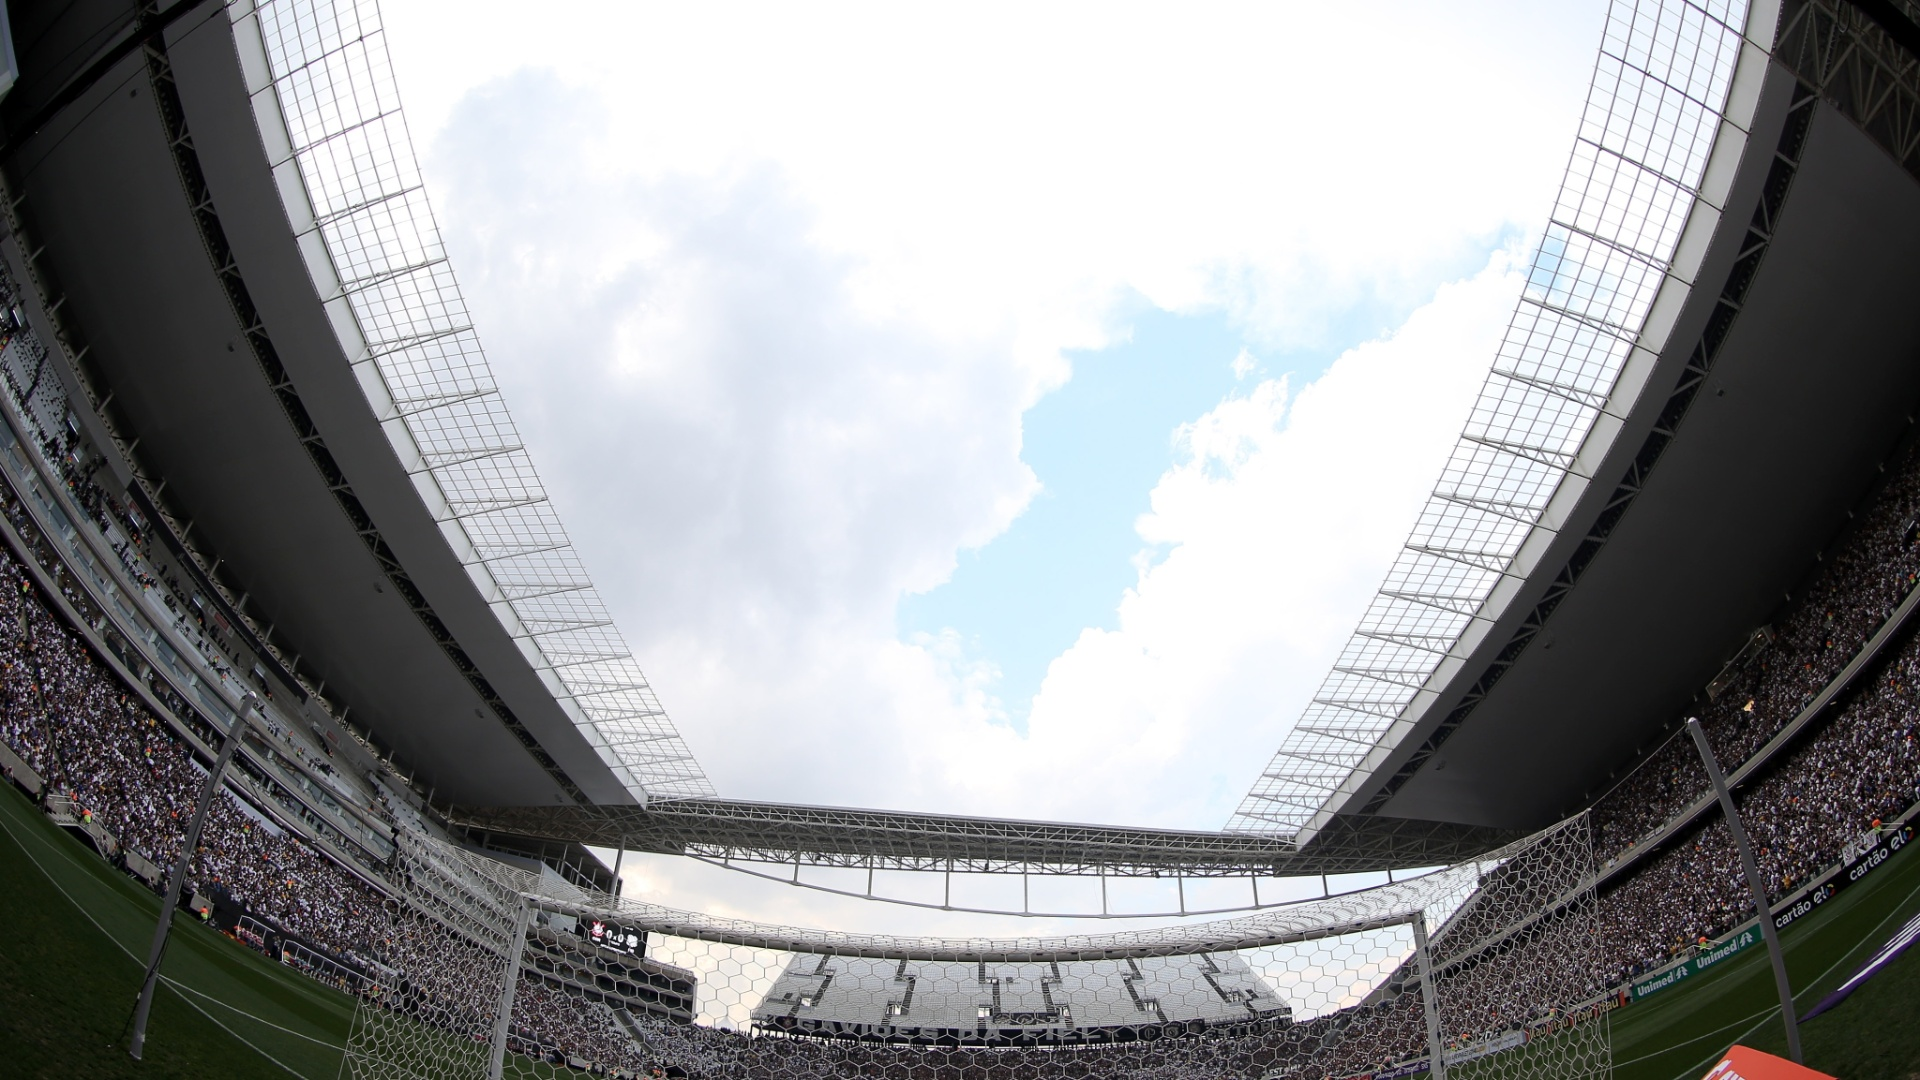 Visão atrás do gol no Itaquerão